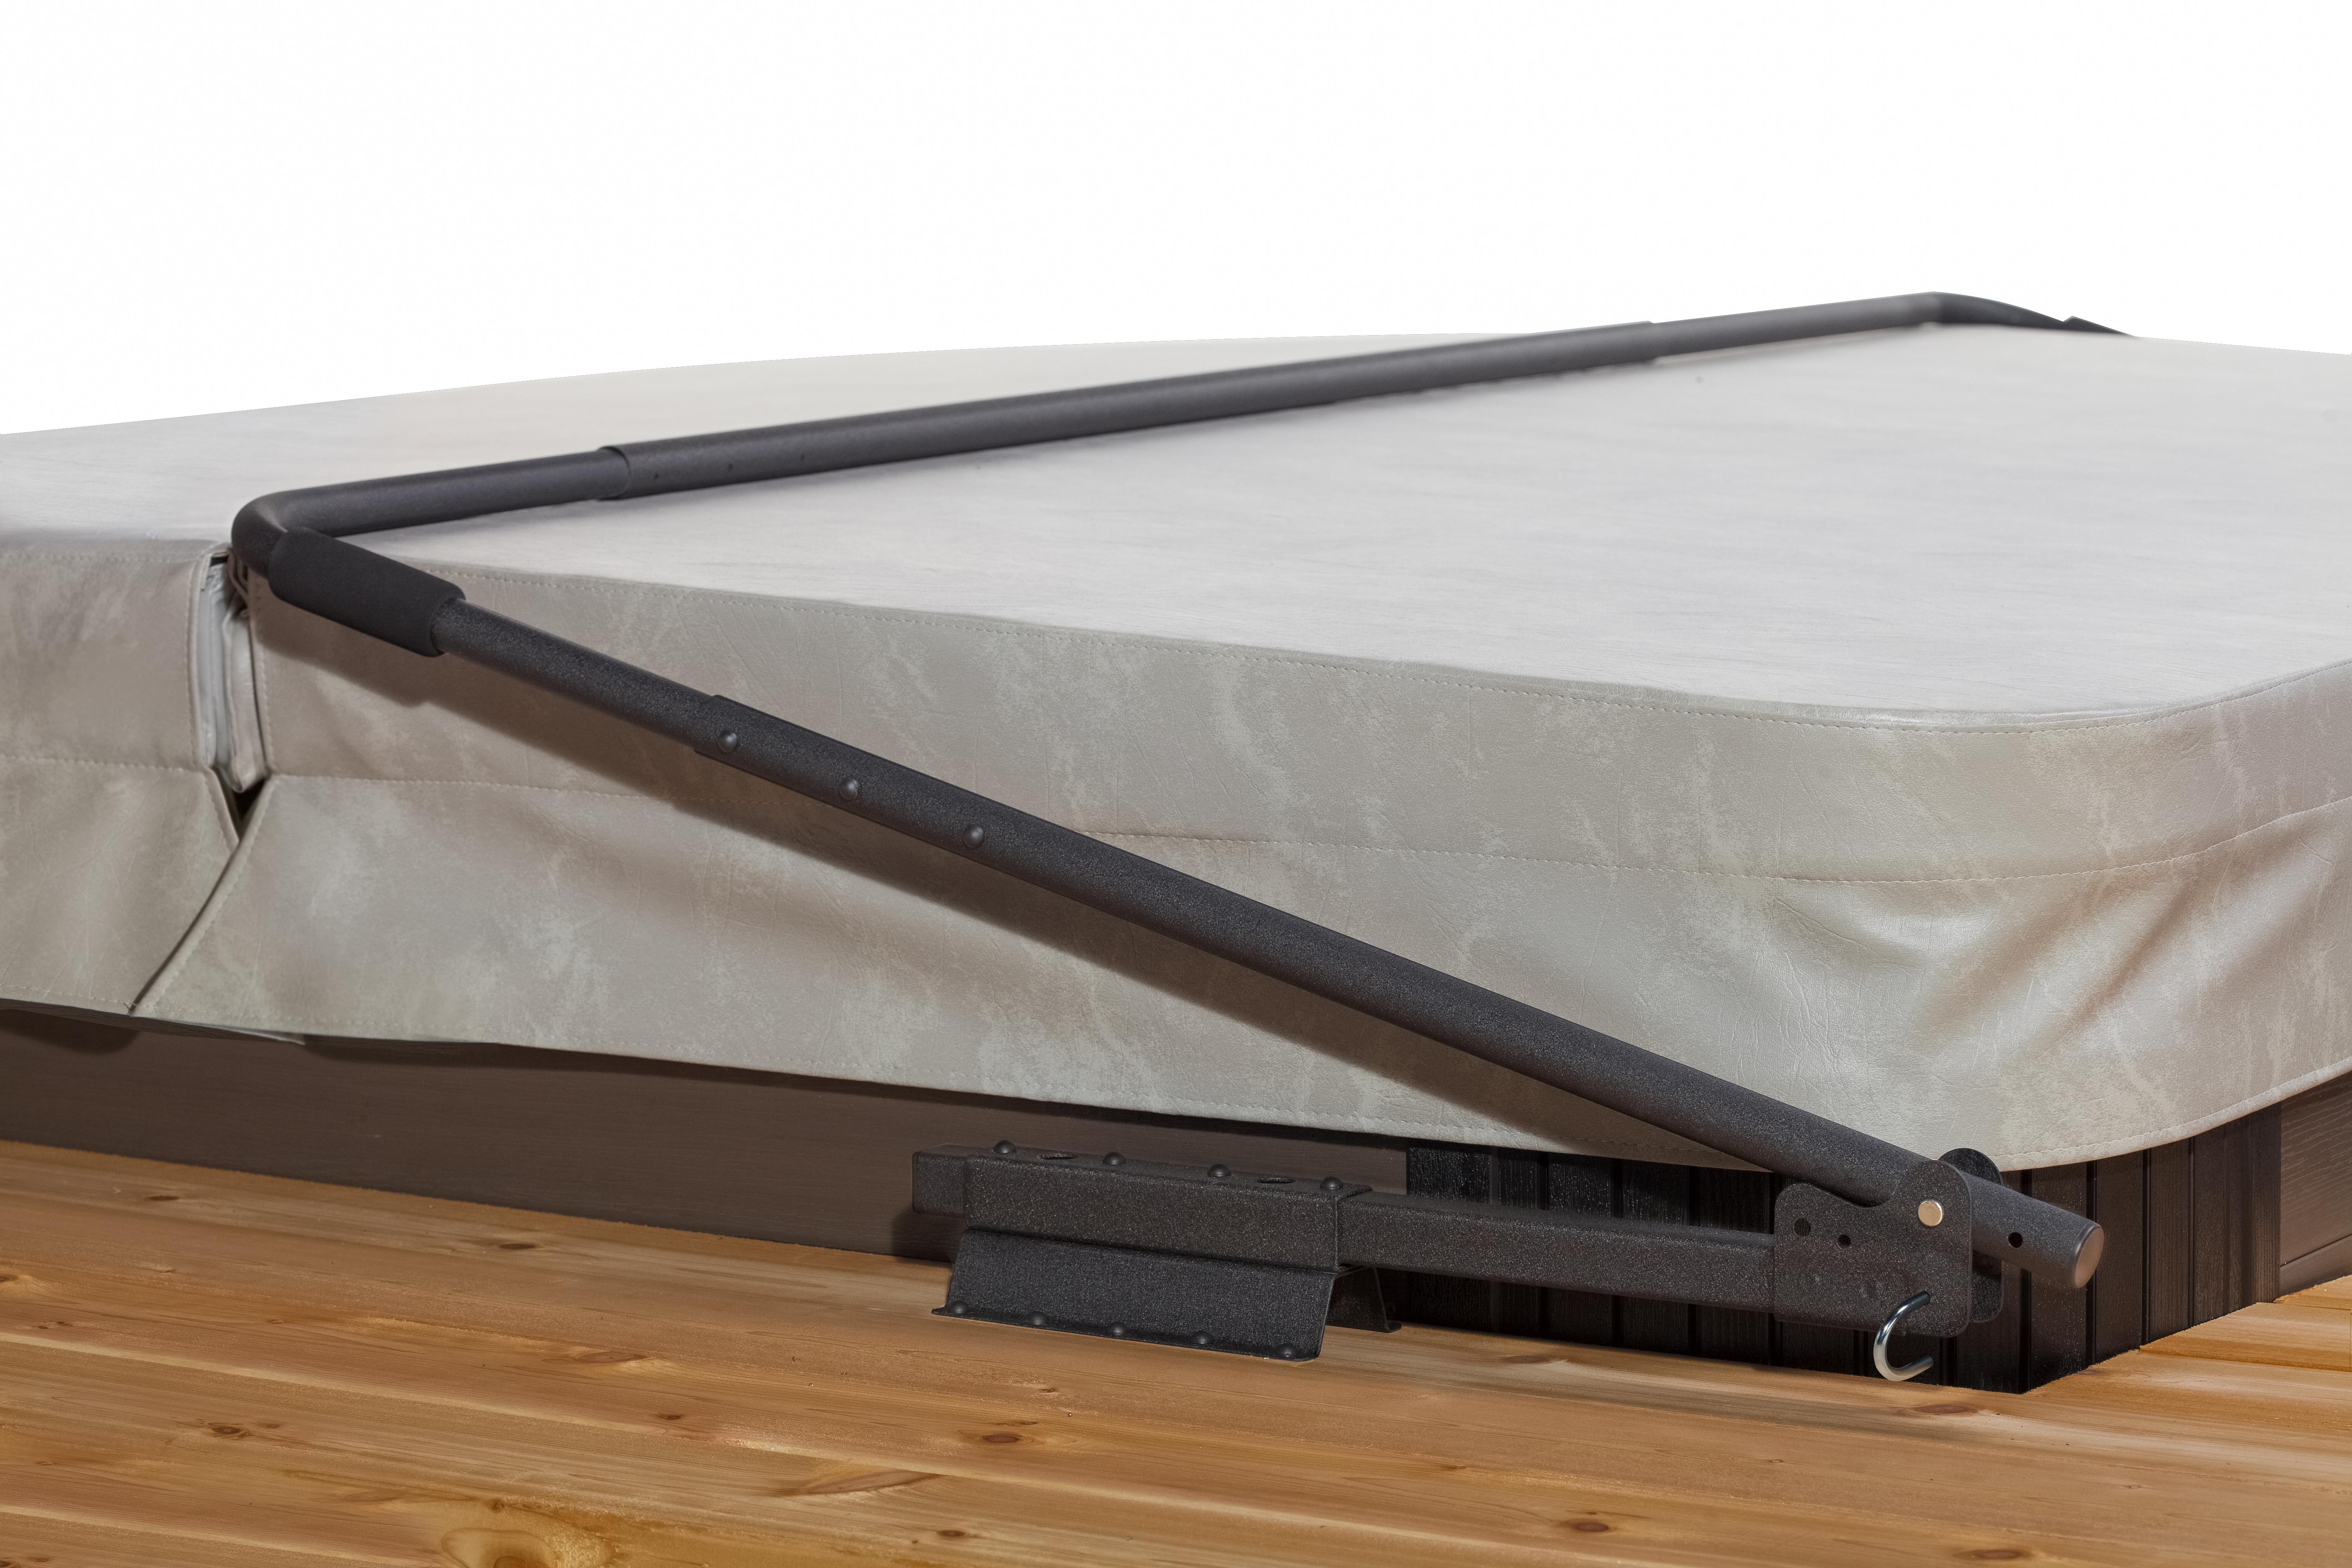 Standard Deck Mounted